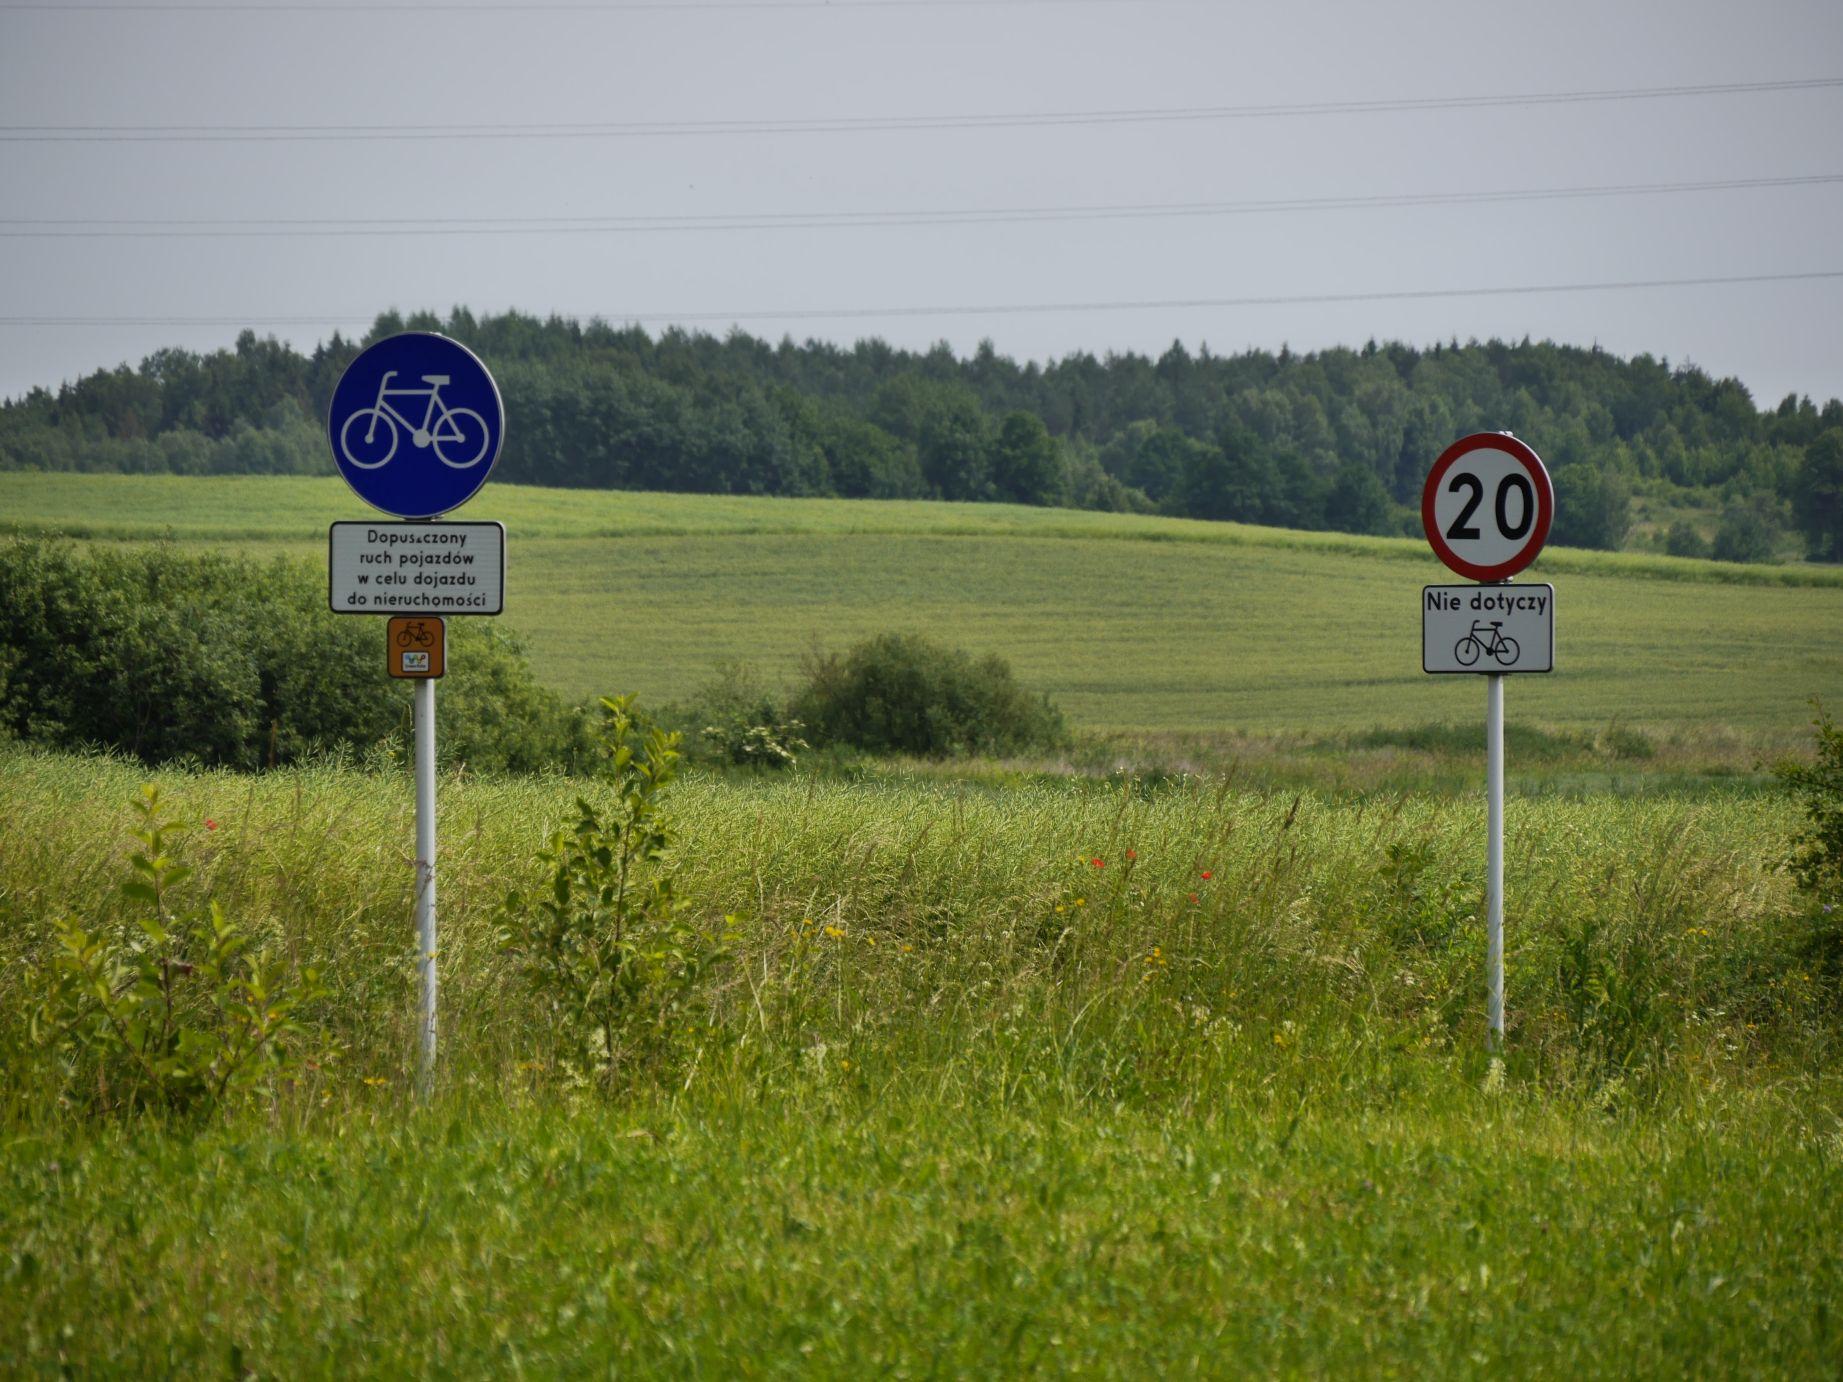 Der Schilderwald nimmt auch in Polen zu!